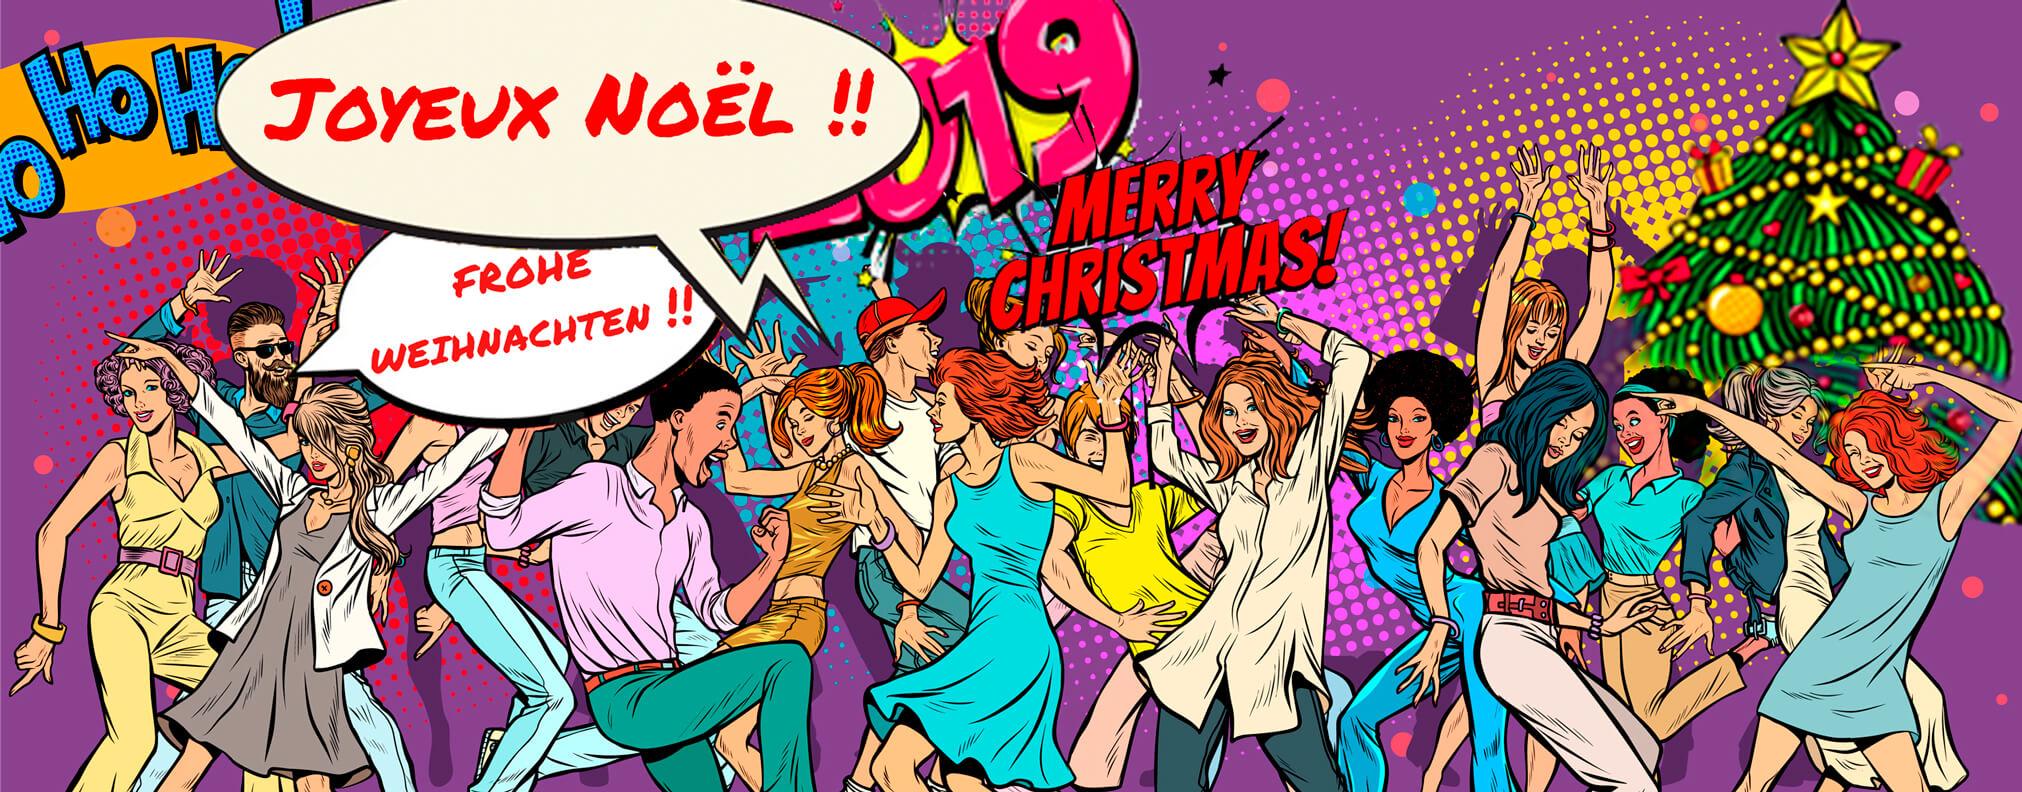 Toute l'équipe vous souhaite un joyeux Noël !